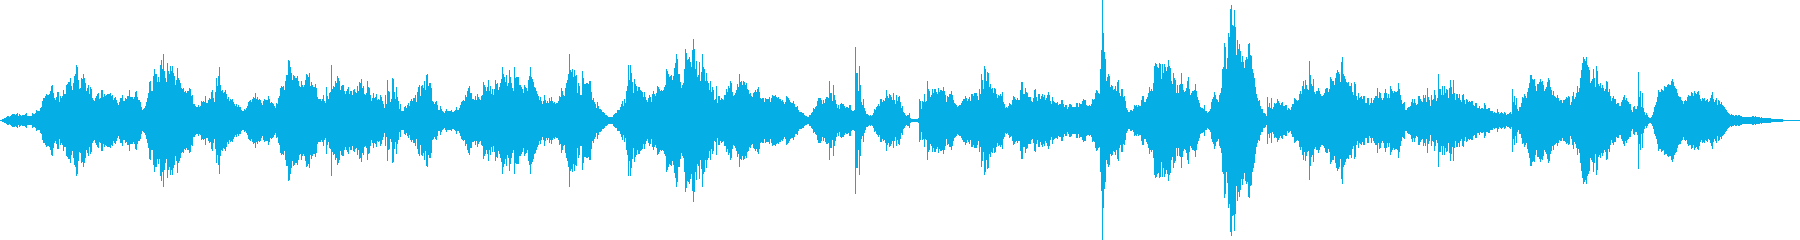 暗い深海をイメージしたアンビエントAの再生済みの波形